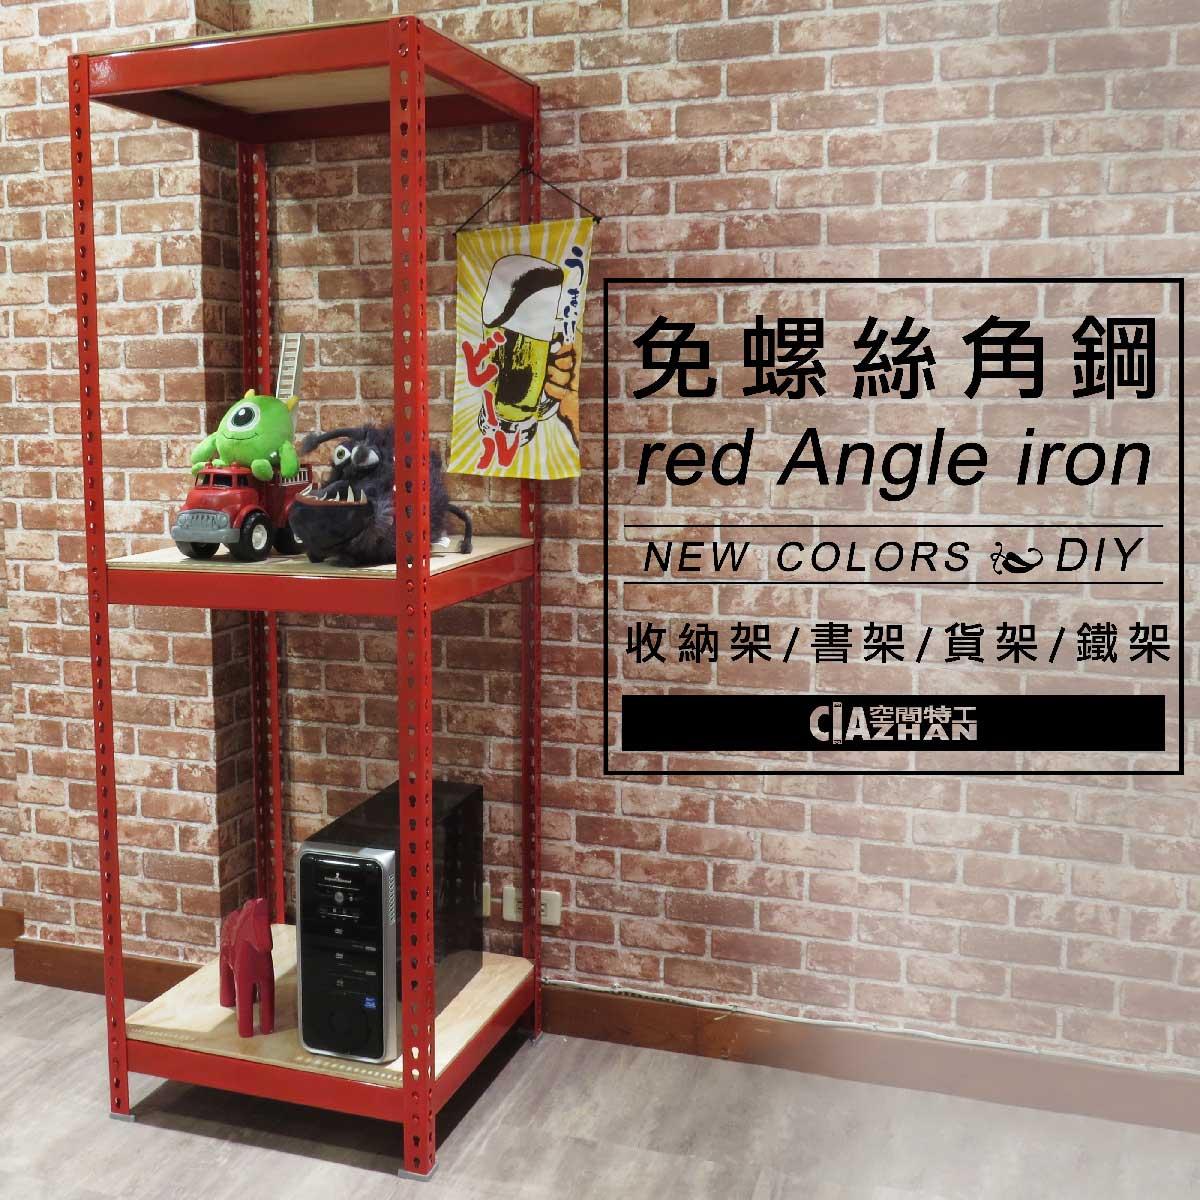 置物架 書架 鞋櫃 收納櫃 現貨免運 紅色角鋼多功能組合架(1.5x1.5x6尺,3層 ) 空間特工